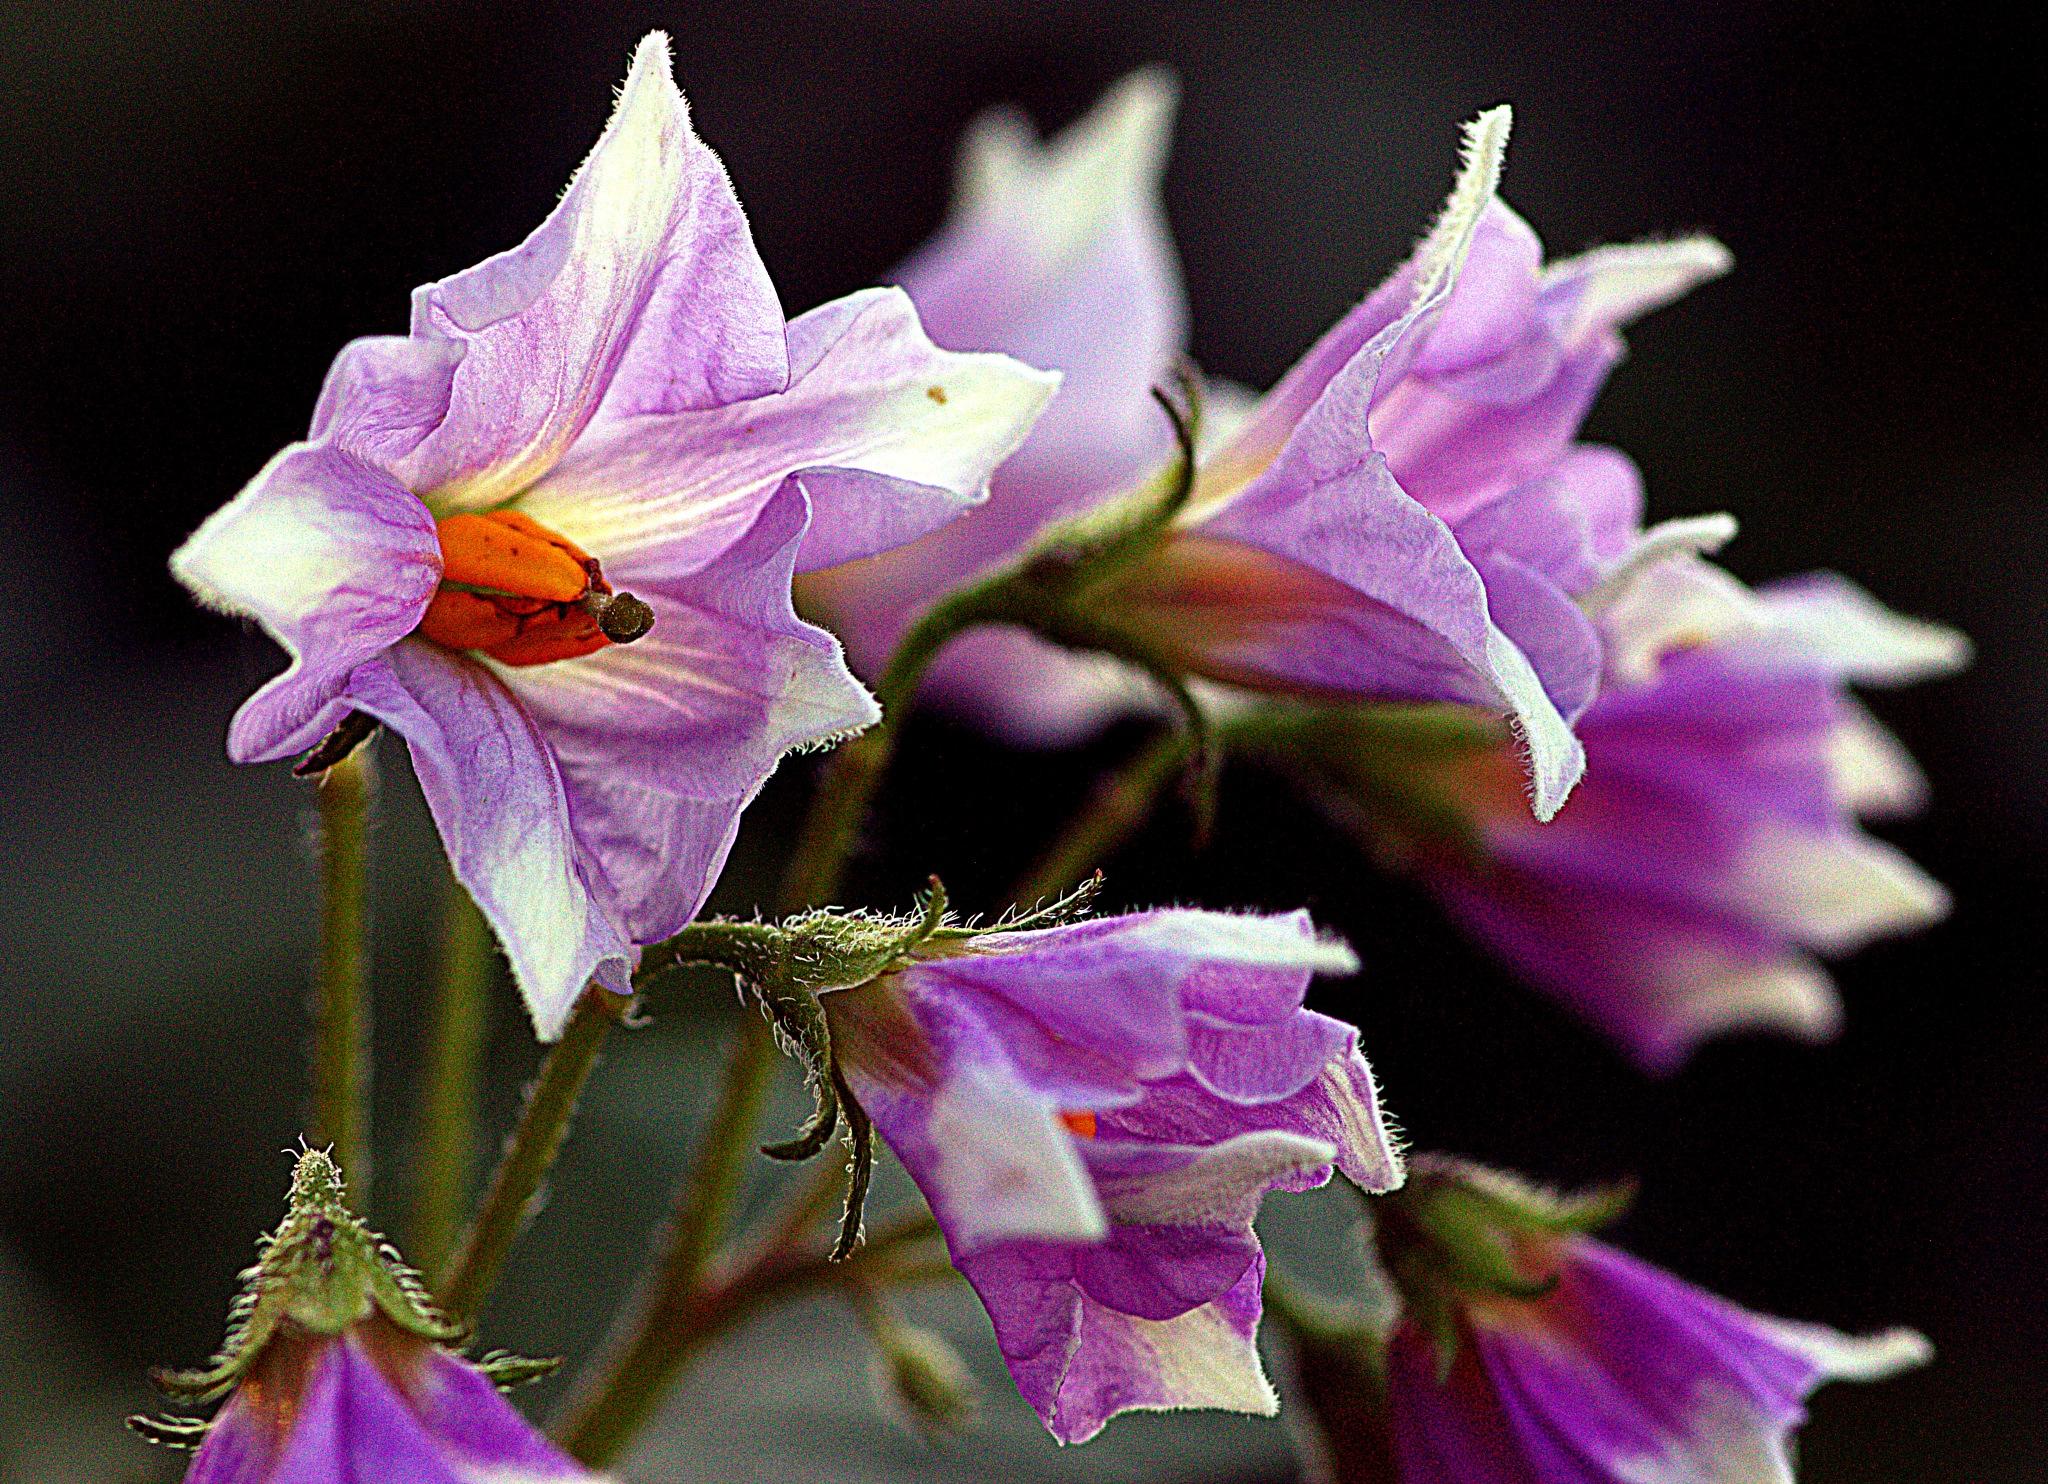 Believe it or not - potato flower by leopold.brzin